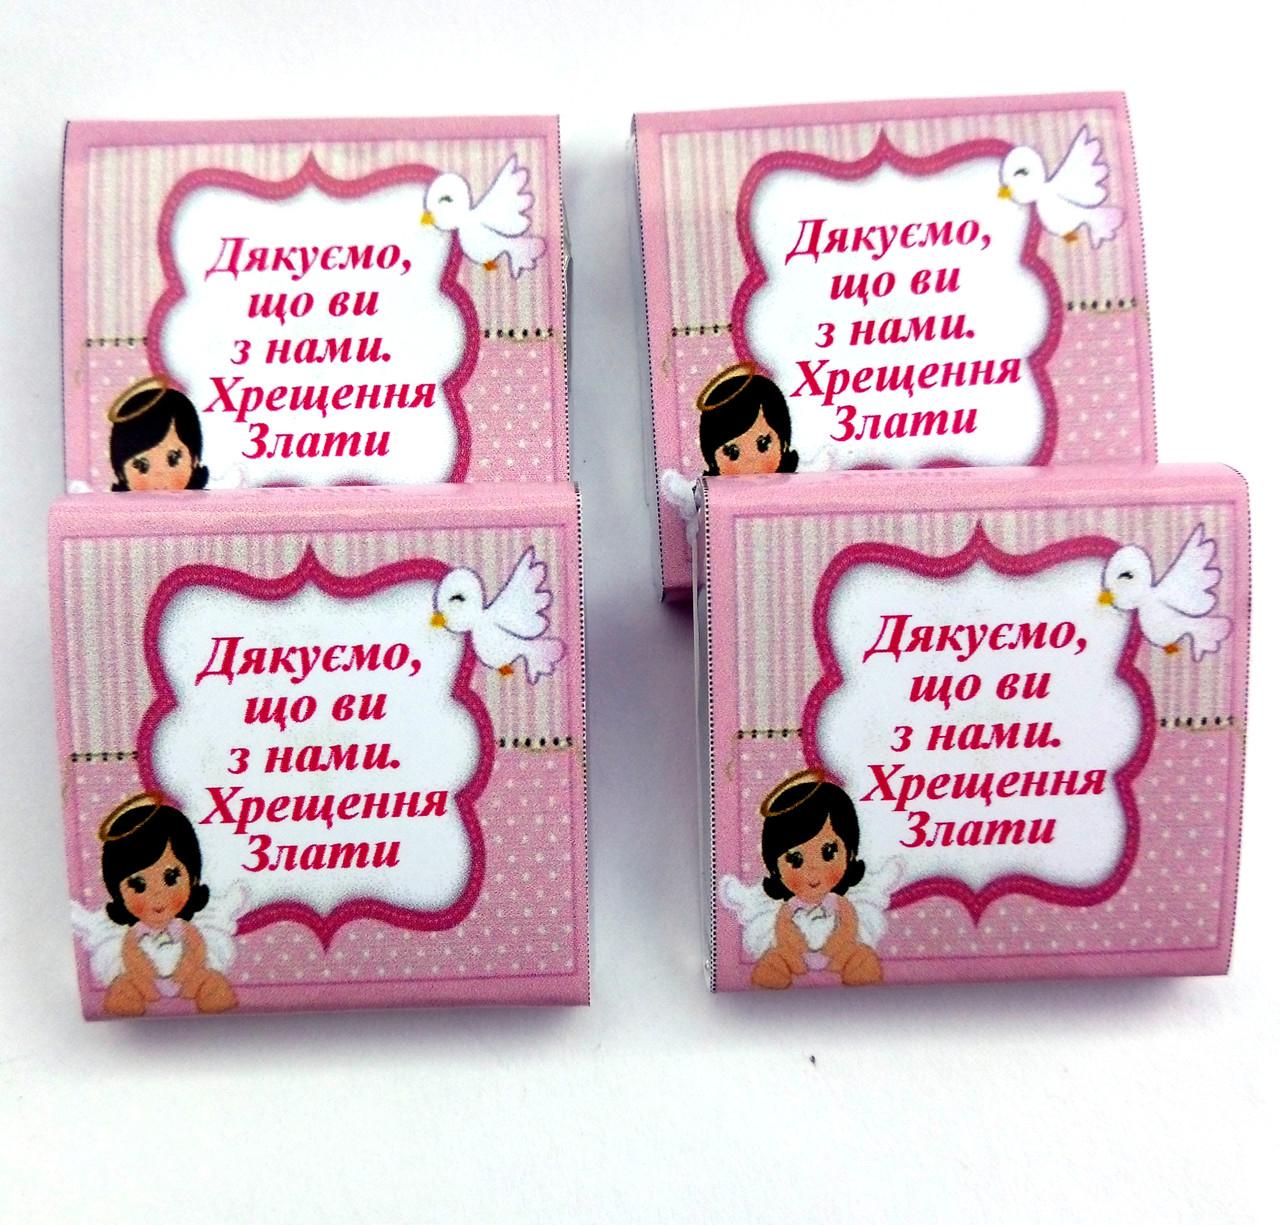 Шоколадні подарунки гостям на хрещення дівчинки, хлопчика. Бонбоньєрки, ( шоколадна бонбоньєрка)